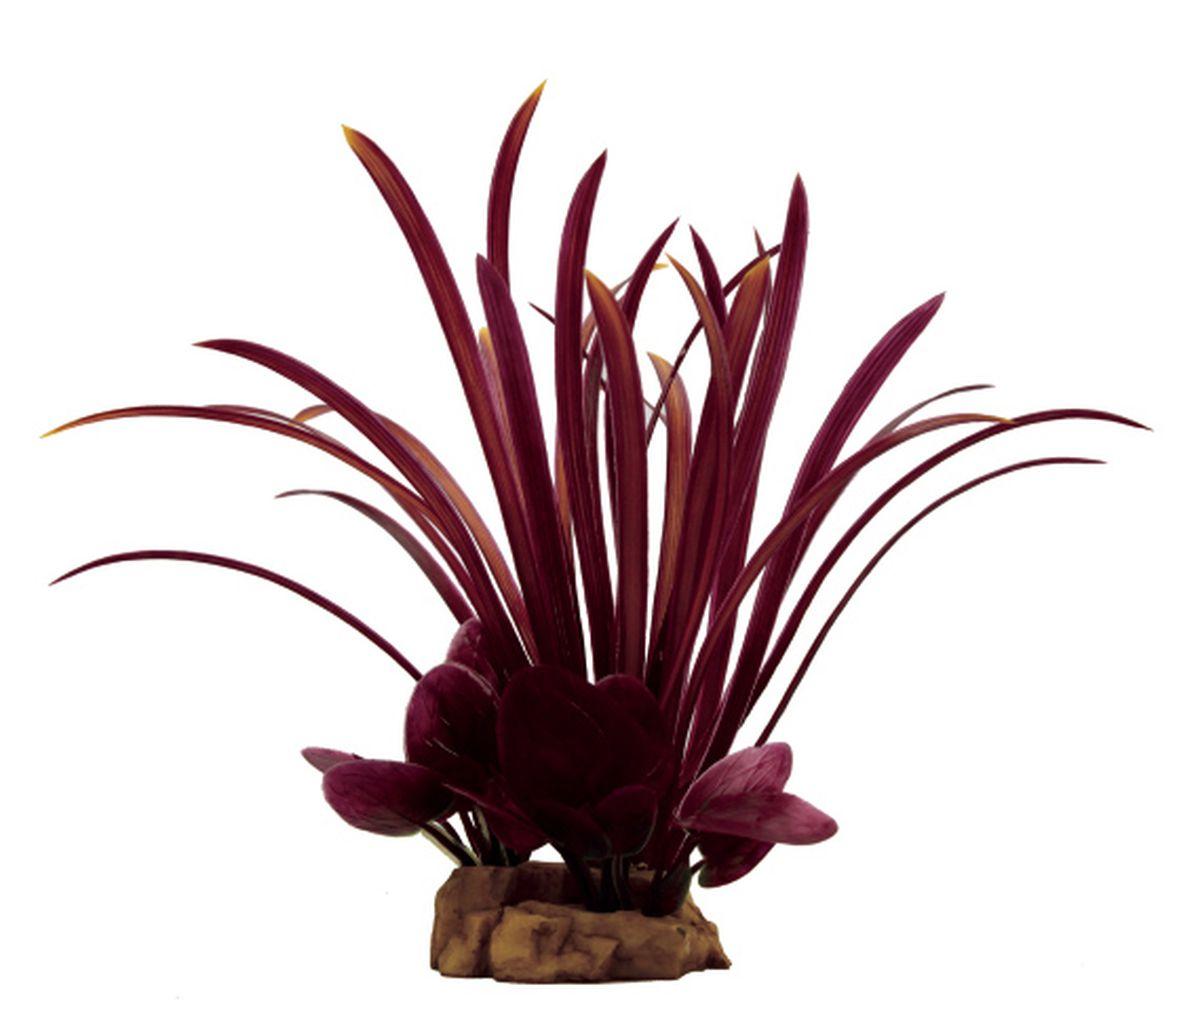 Растение для аквариума ArtUniq Офиопогон красный, 15 x 12 x 23 смART-1130606Растение для аквариума ArtUniq Офиопогон красный, 15 x 12 x 23 см